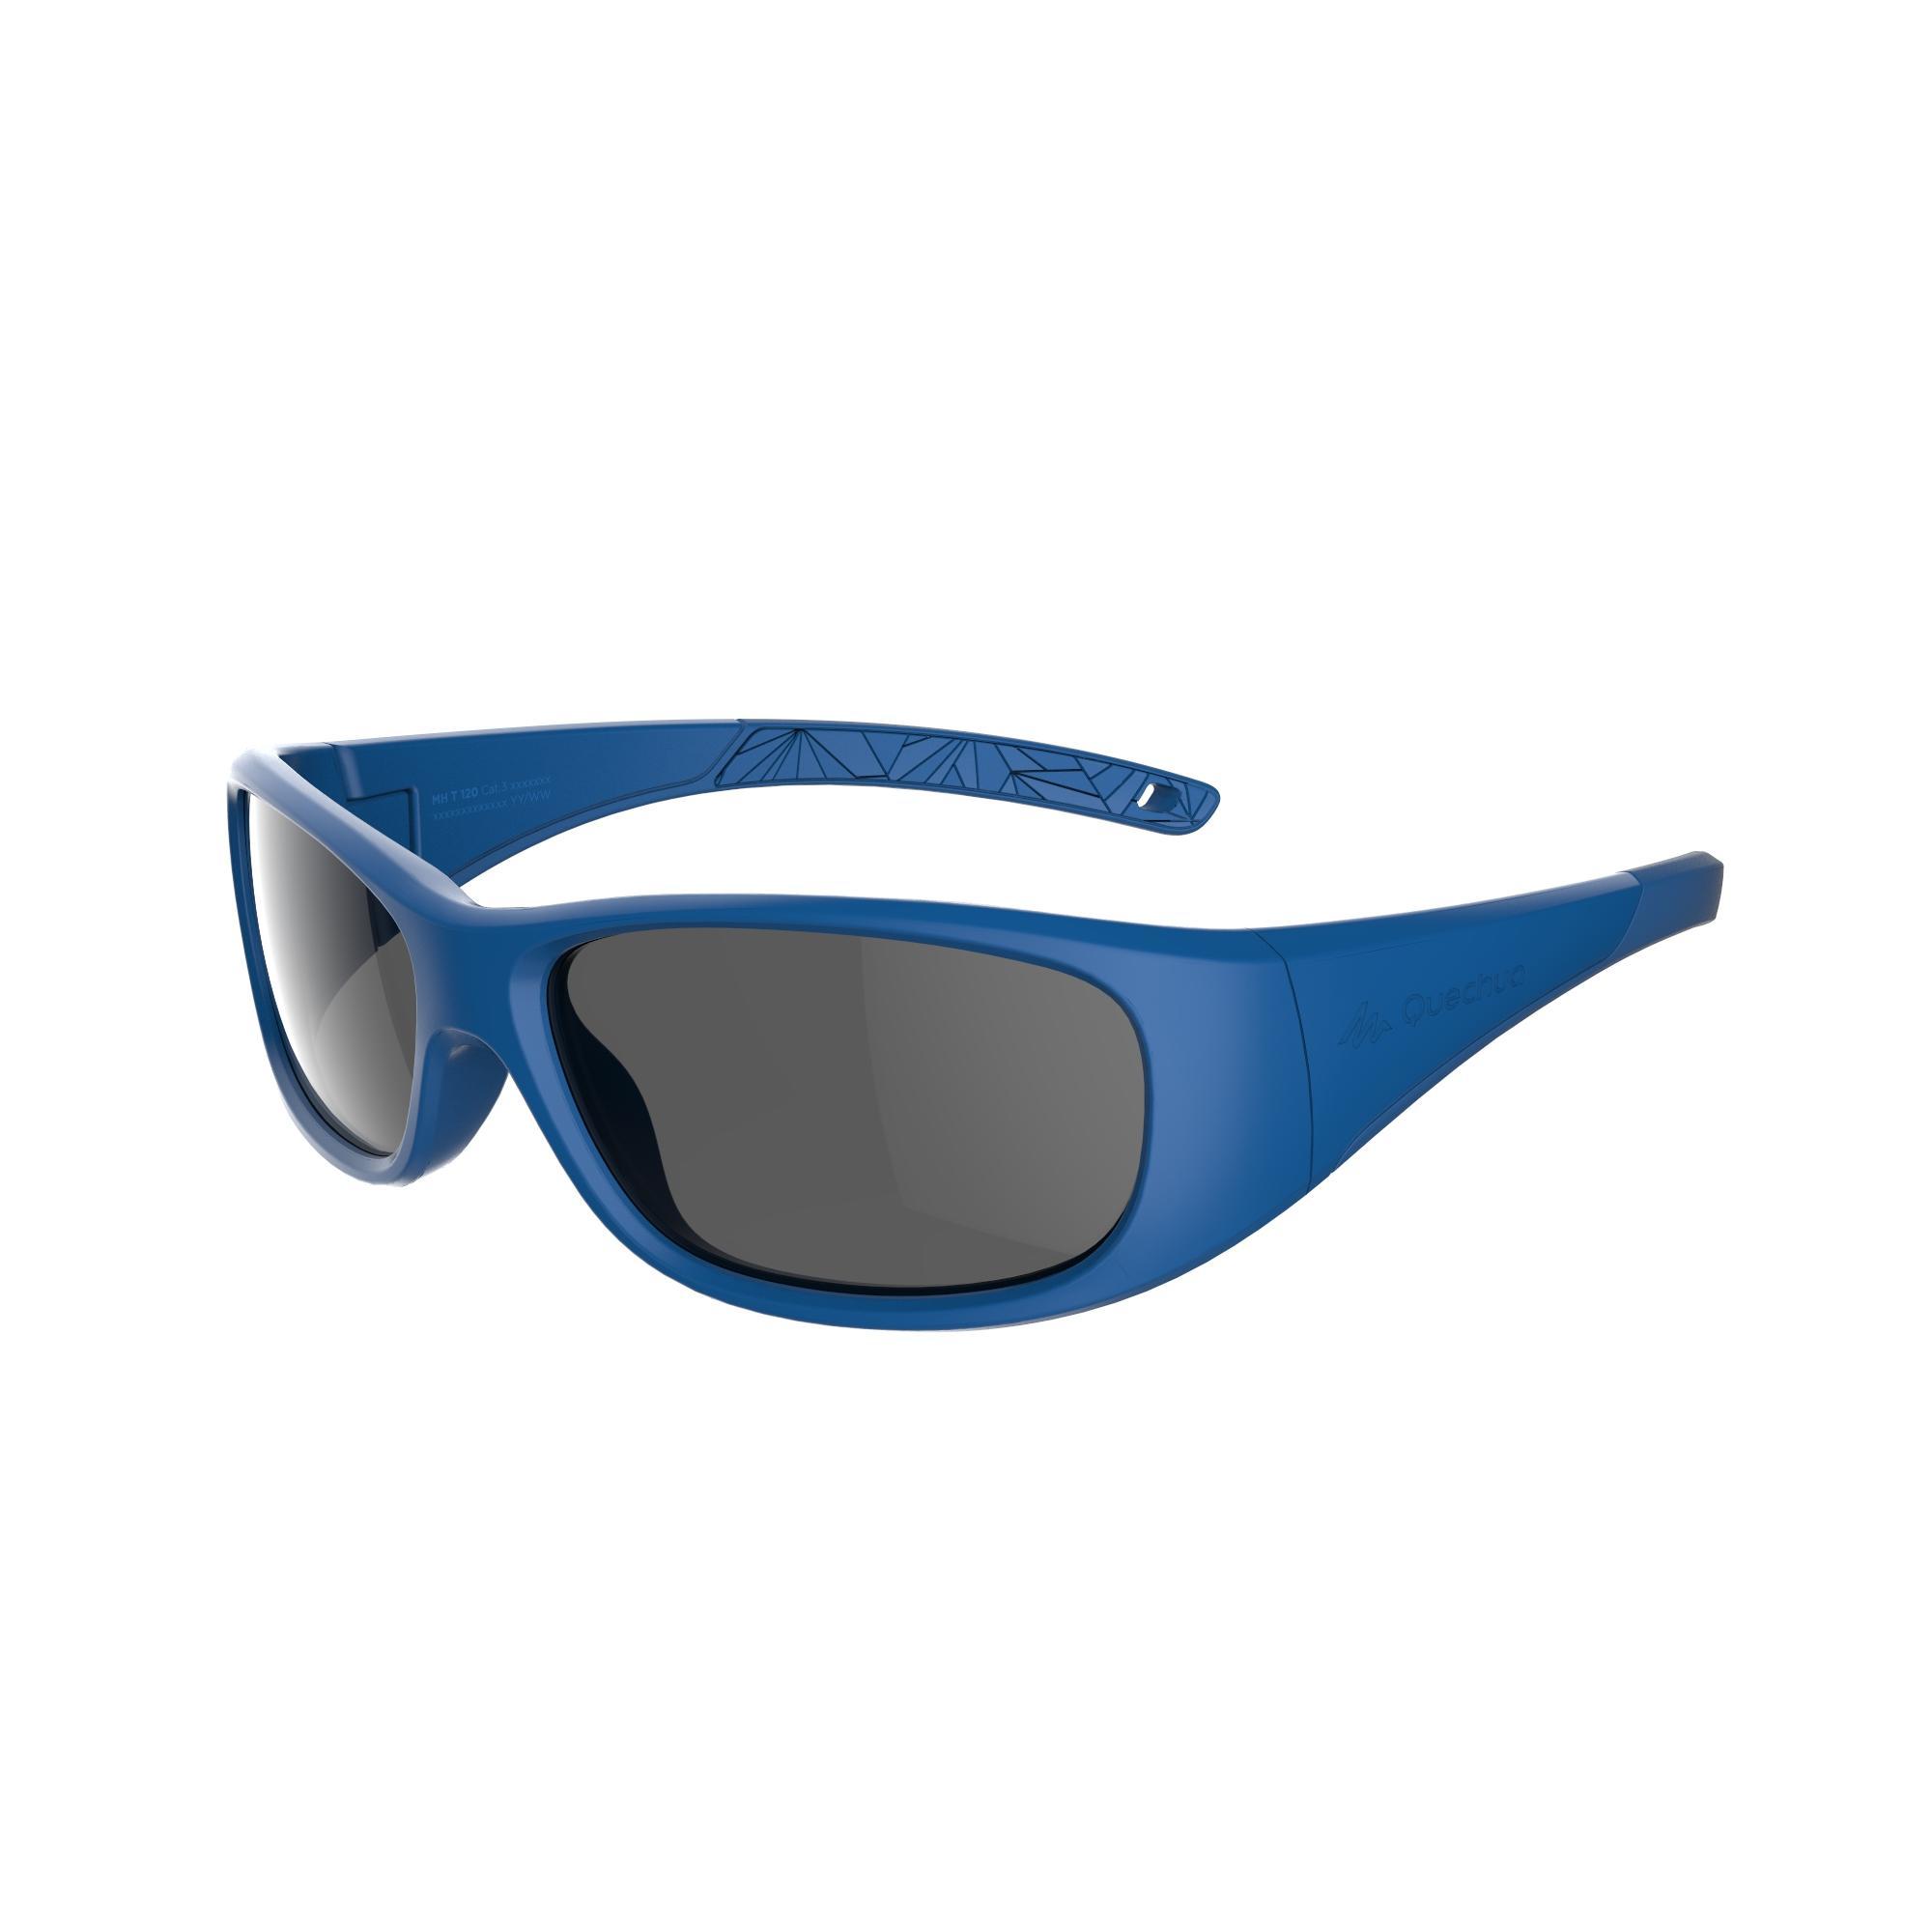 Lentes de sol de senderismo niños 7-9 años MH T 120 azul categoría 3